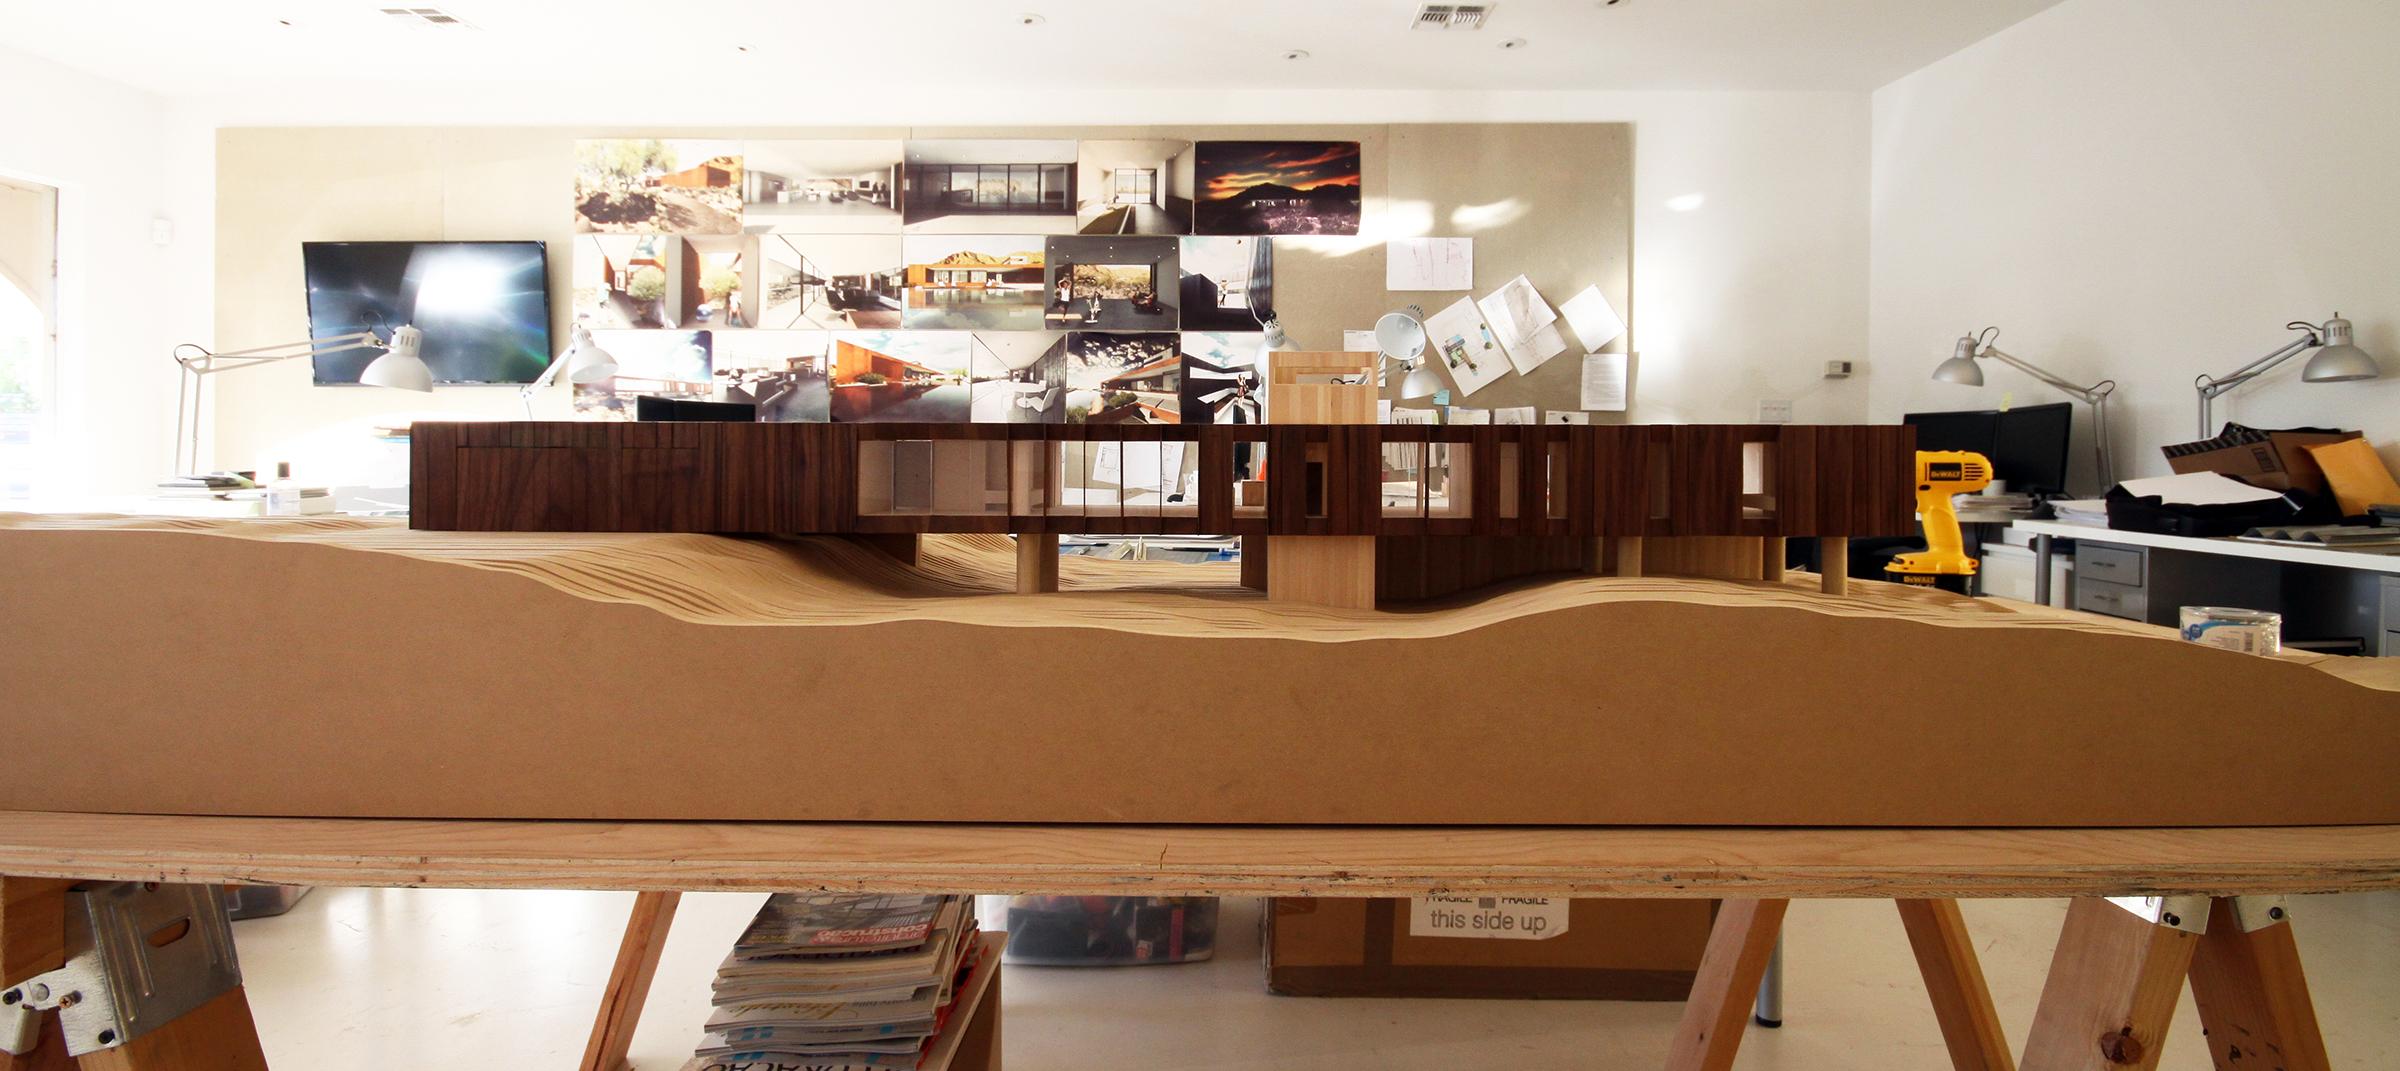 22 Desert Bridge Residence - Chen + Suchart Studio.JPG